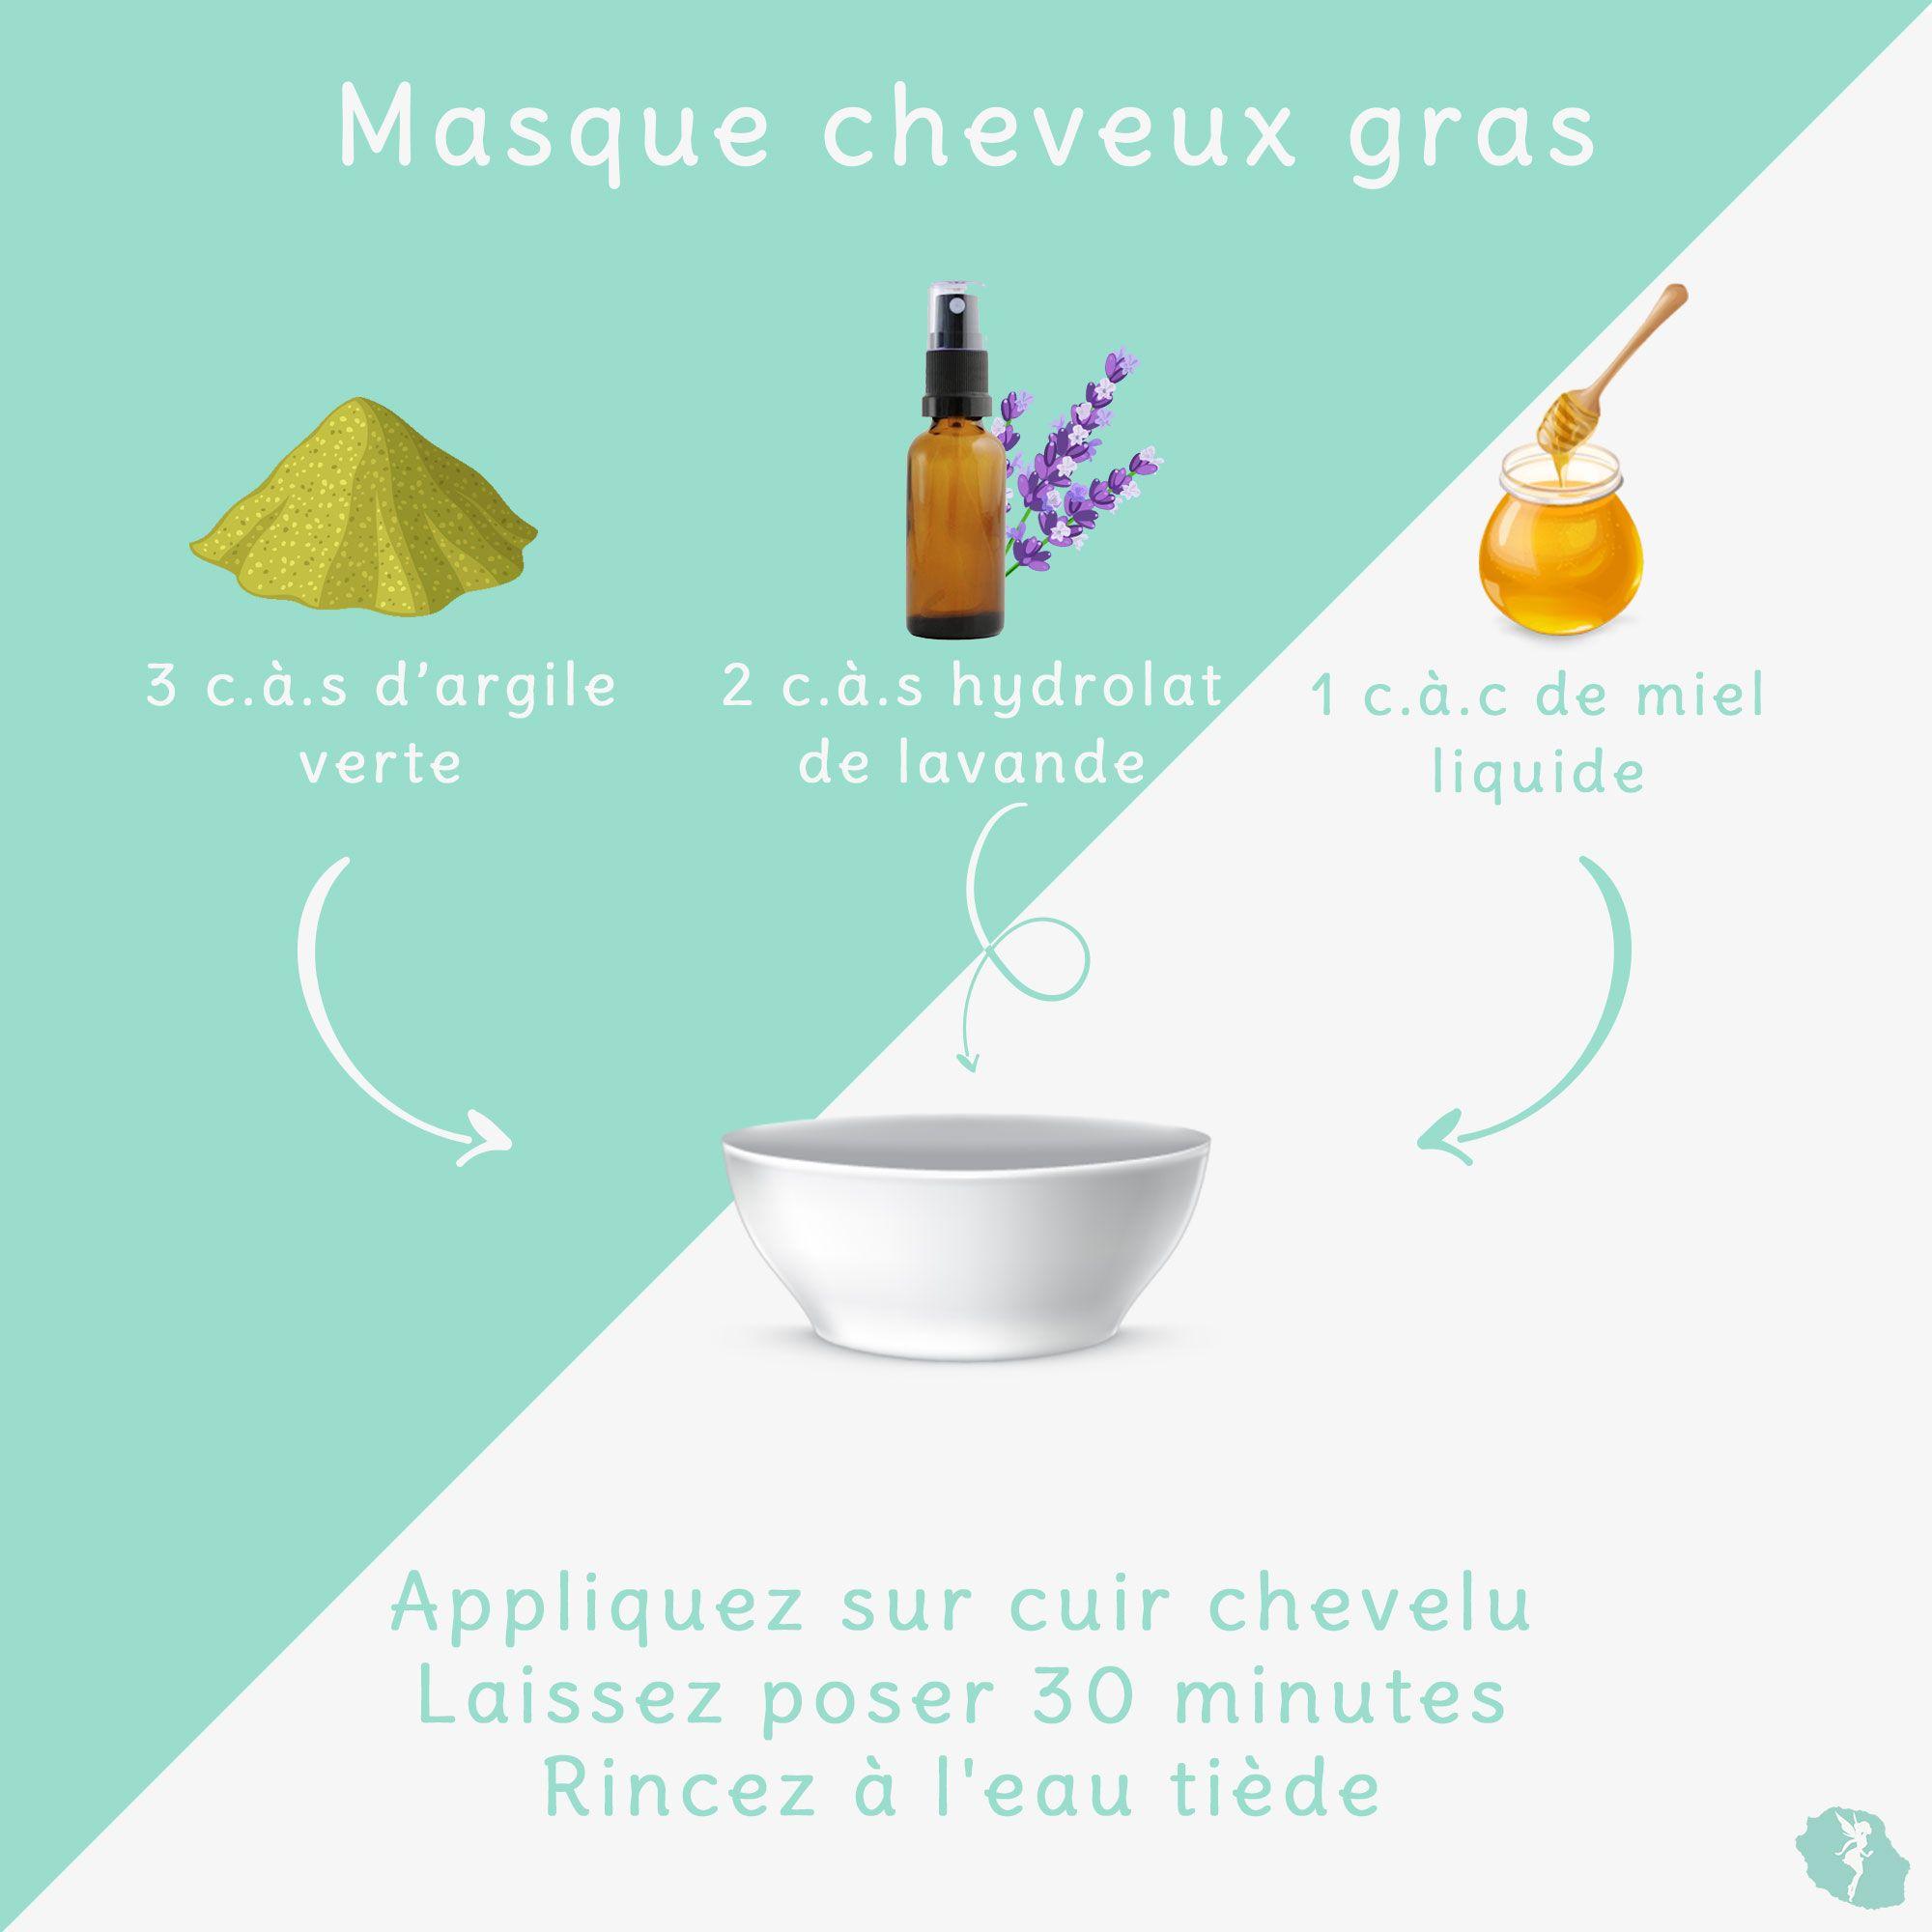 Masque Cheveux Gras Produits De Beaute Faits Maison Cheveux Gras Masque Cheveux